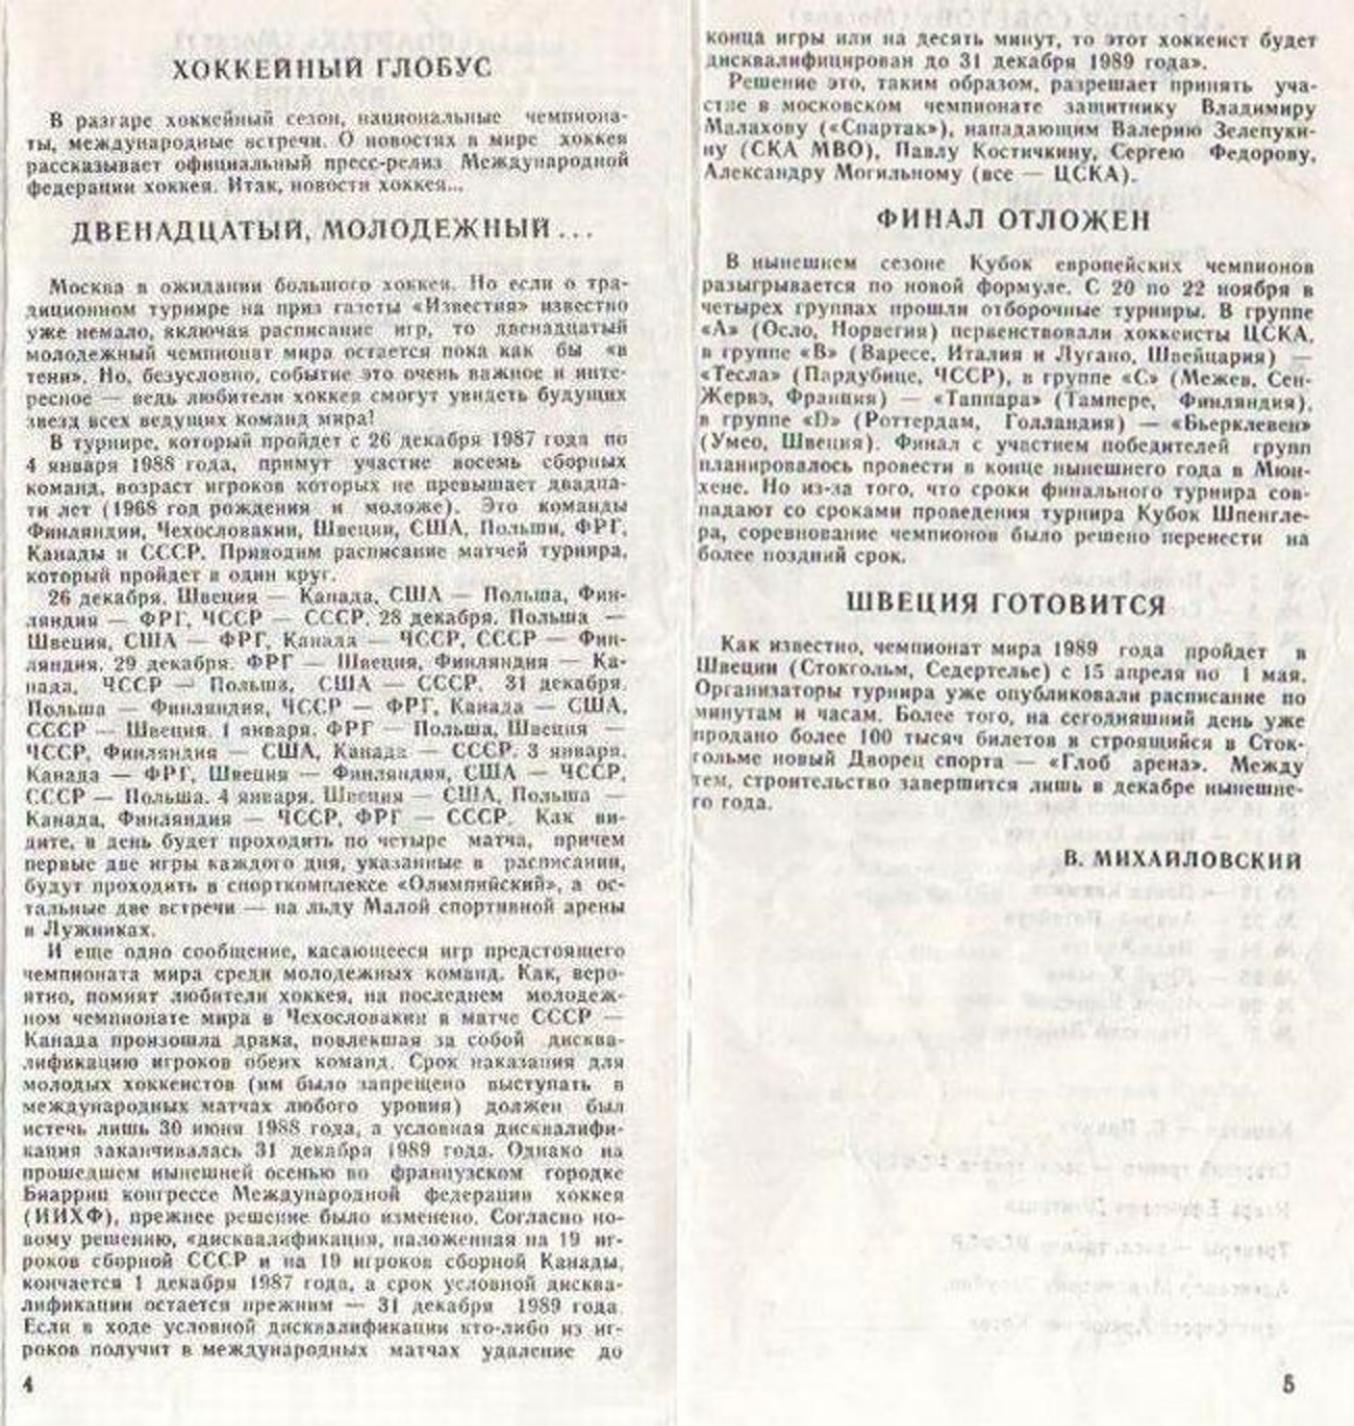 1987.11.28. Крылья Советов - Спартак (Чм. СССР)_03.png